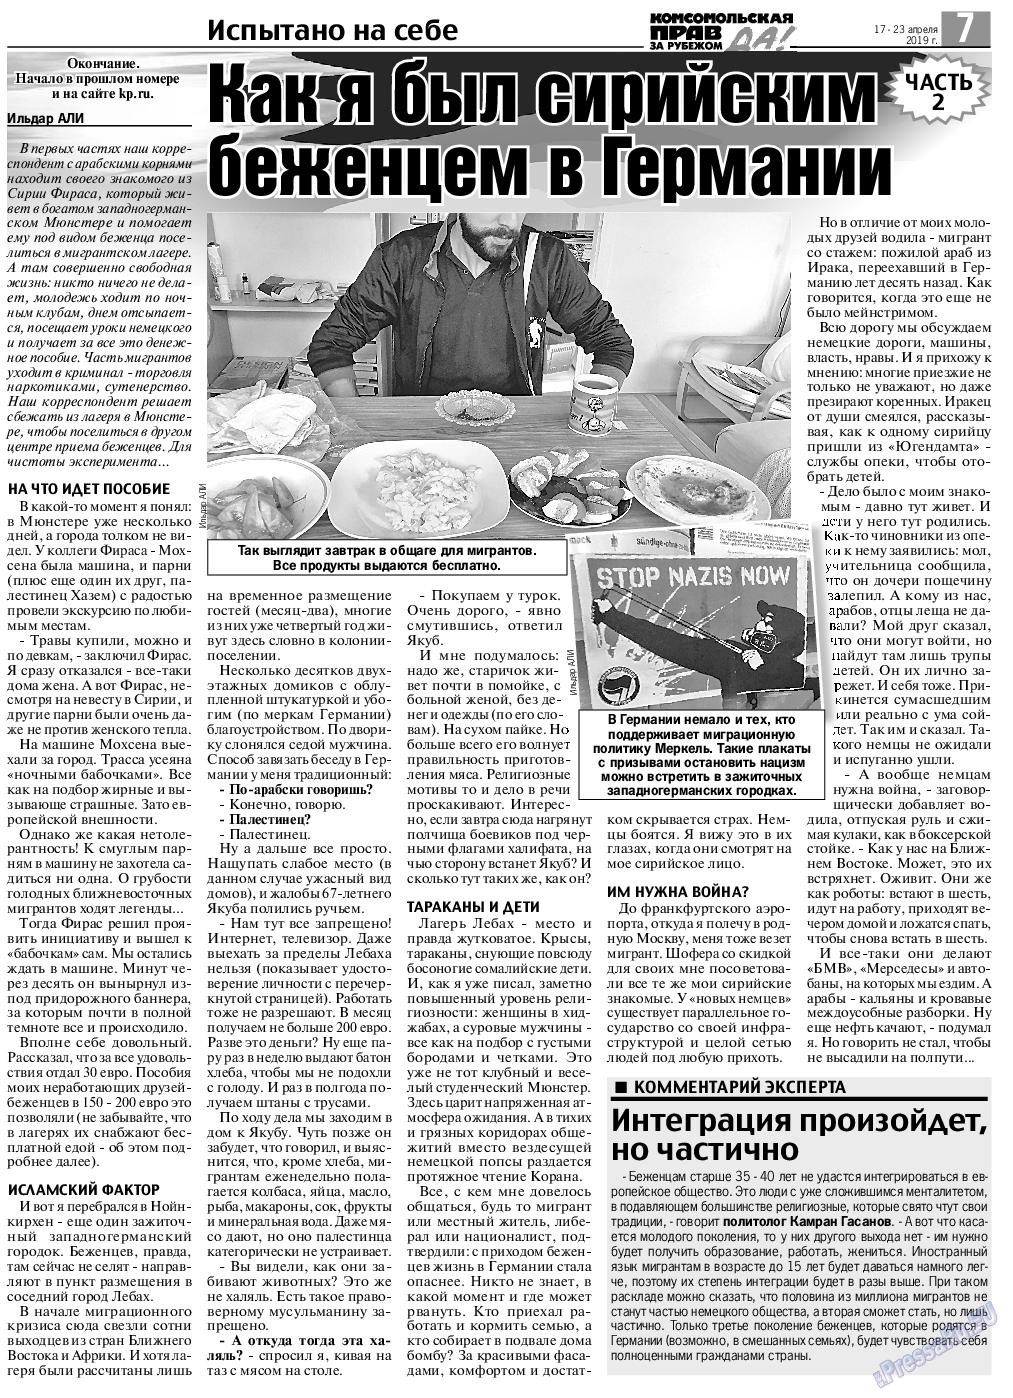 КП в Европе (газета). 2019 год, номер 16, стр. 7